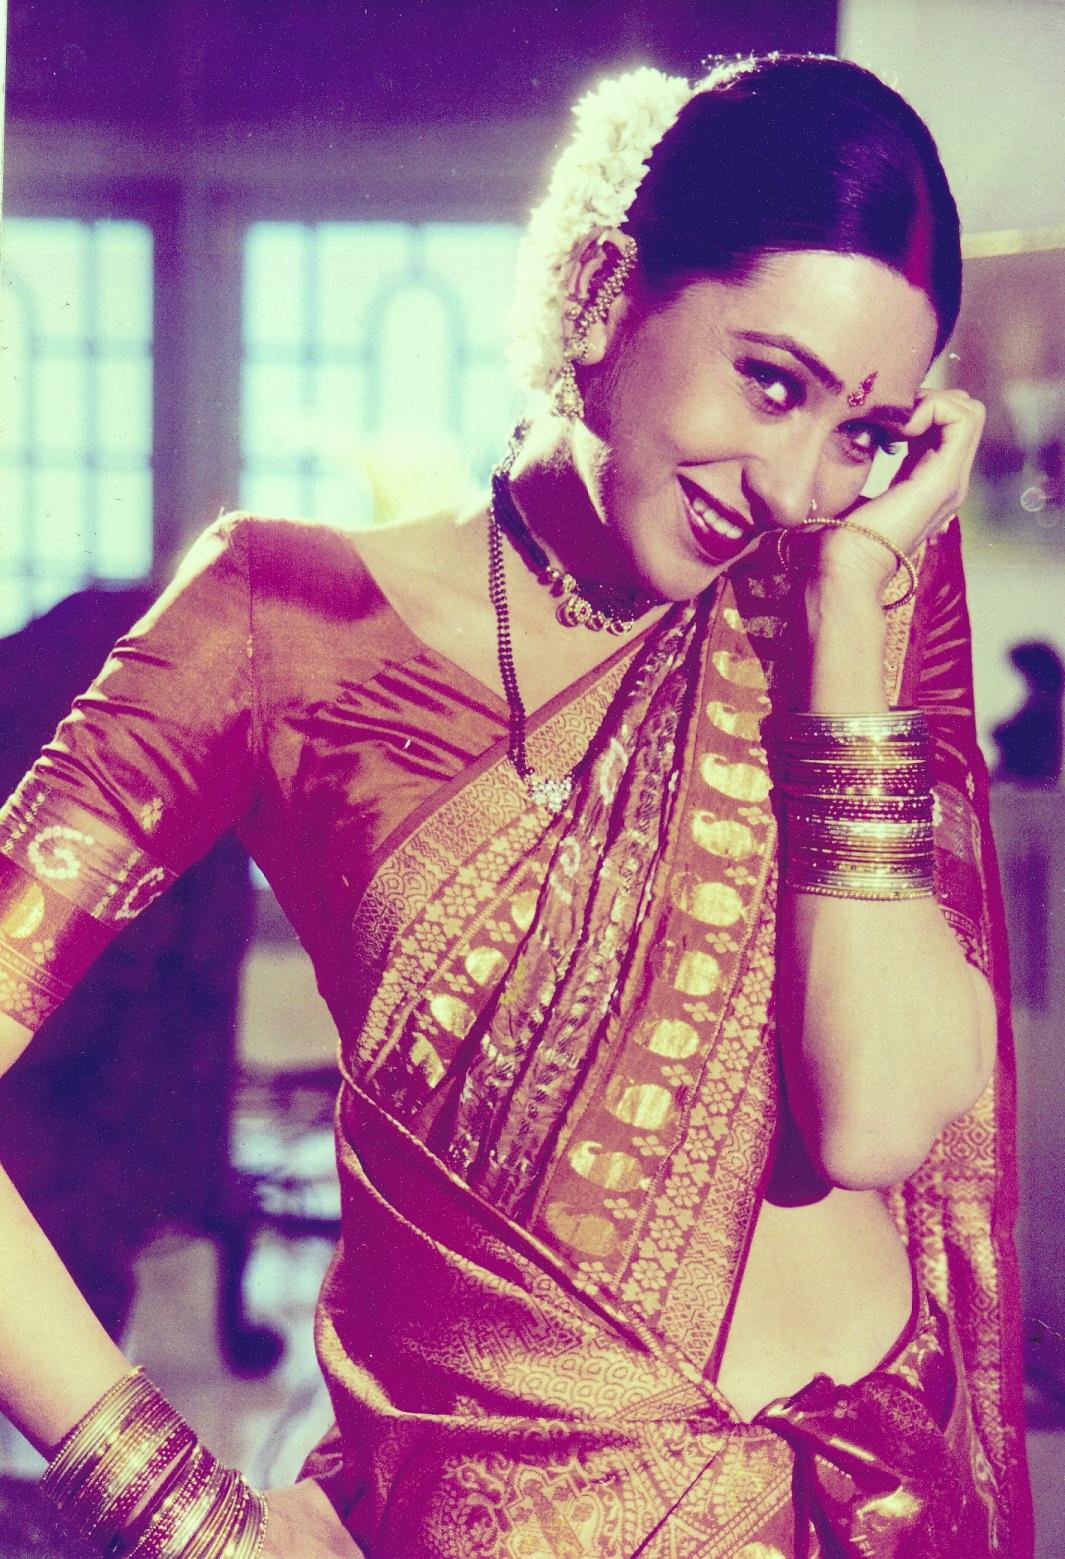 Karishma Kapoor from Biwi No. 1